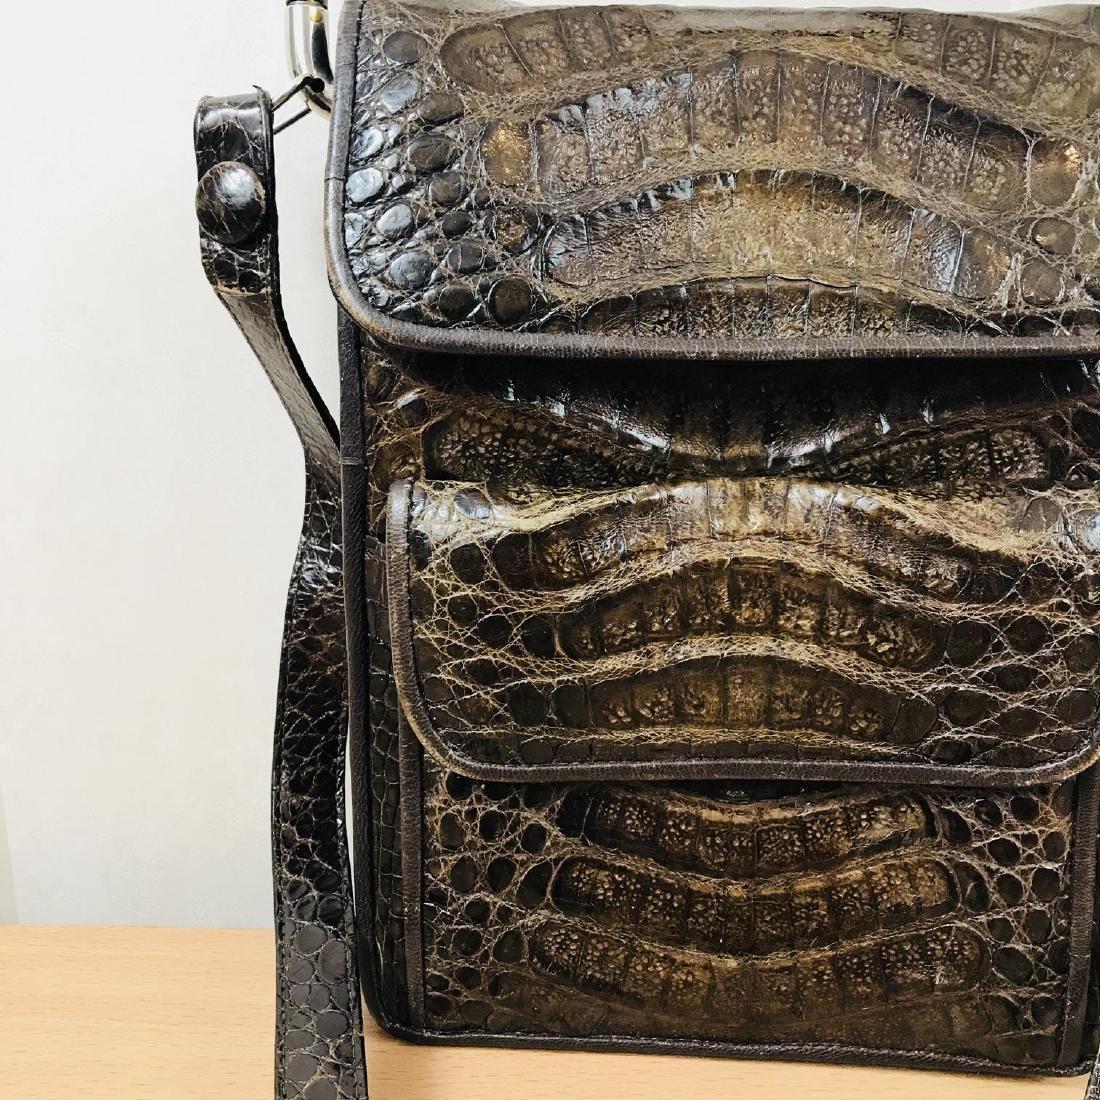 Vintage Brown Crocodile Leather Shoulder Bag / Handbag - 3